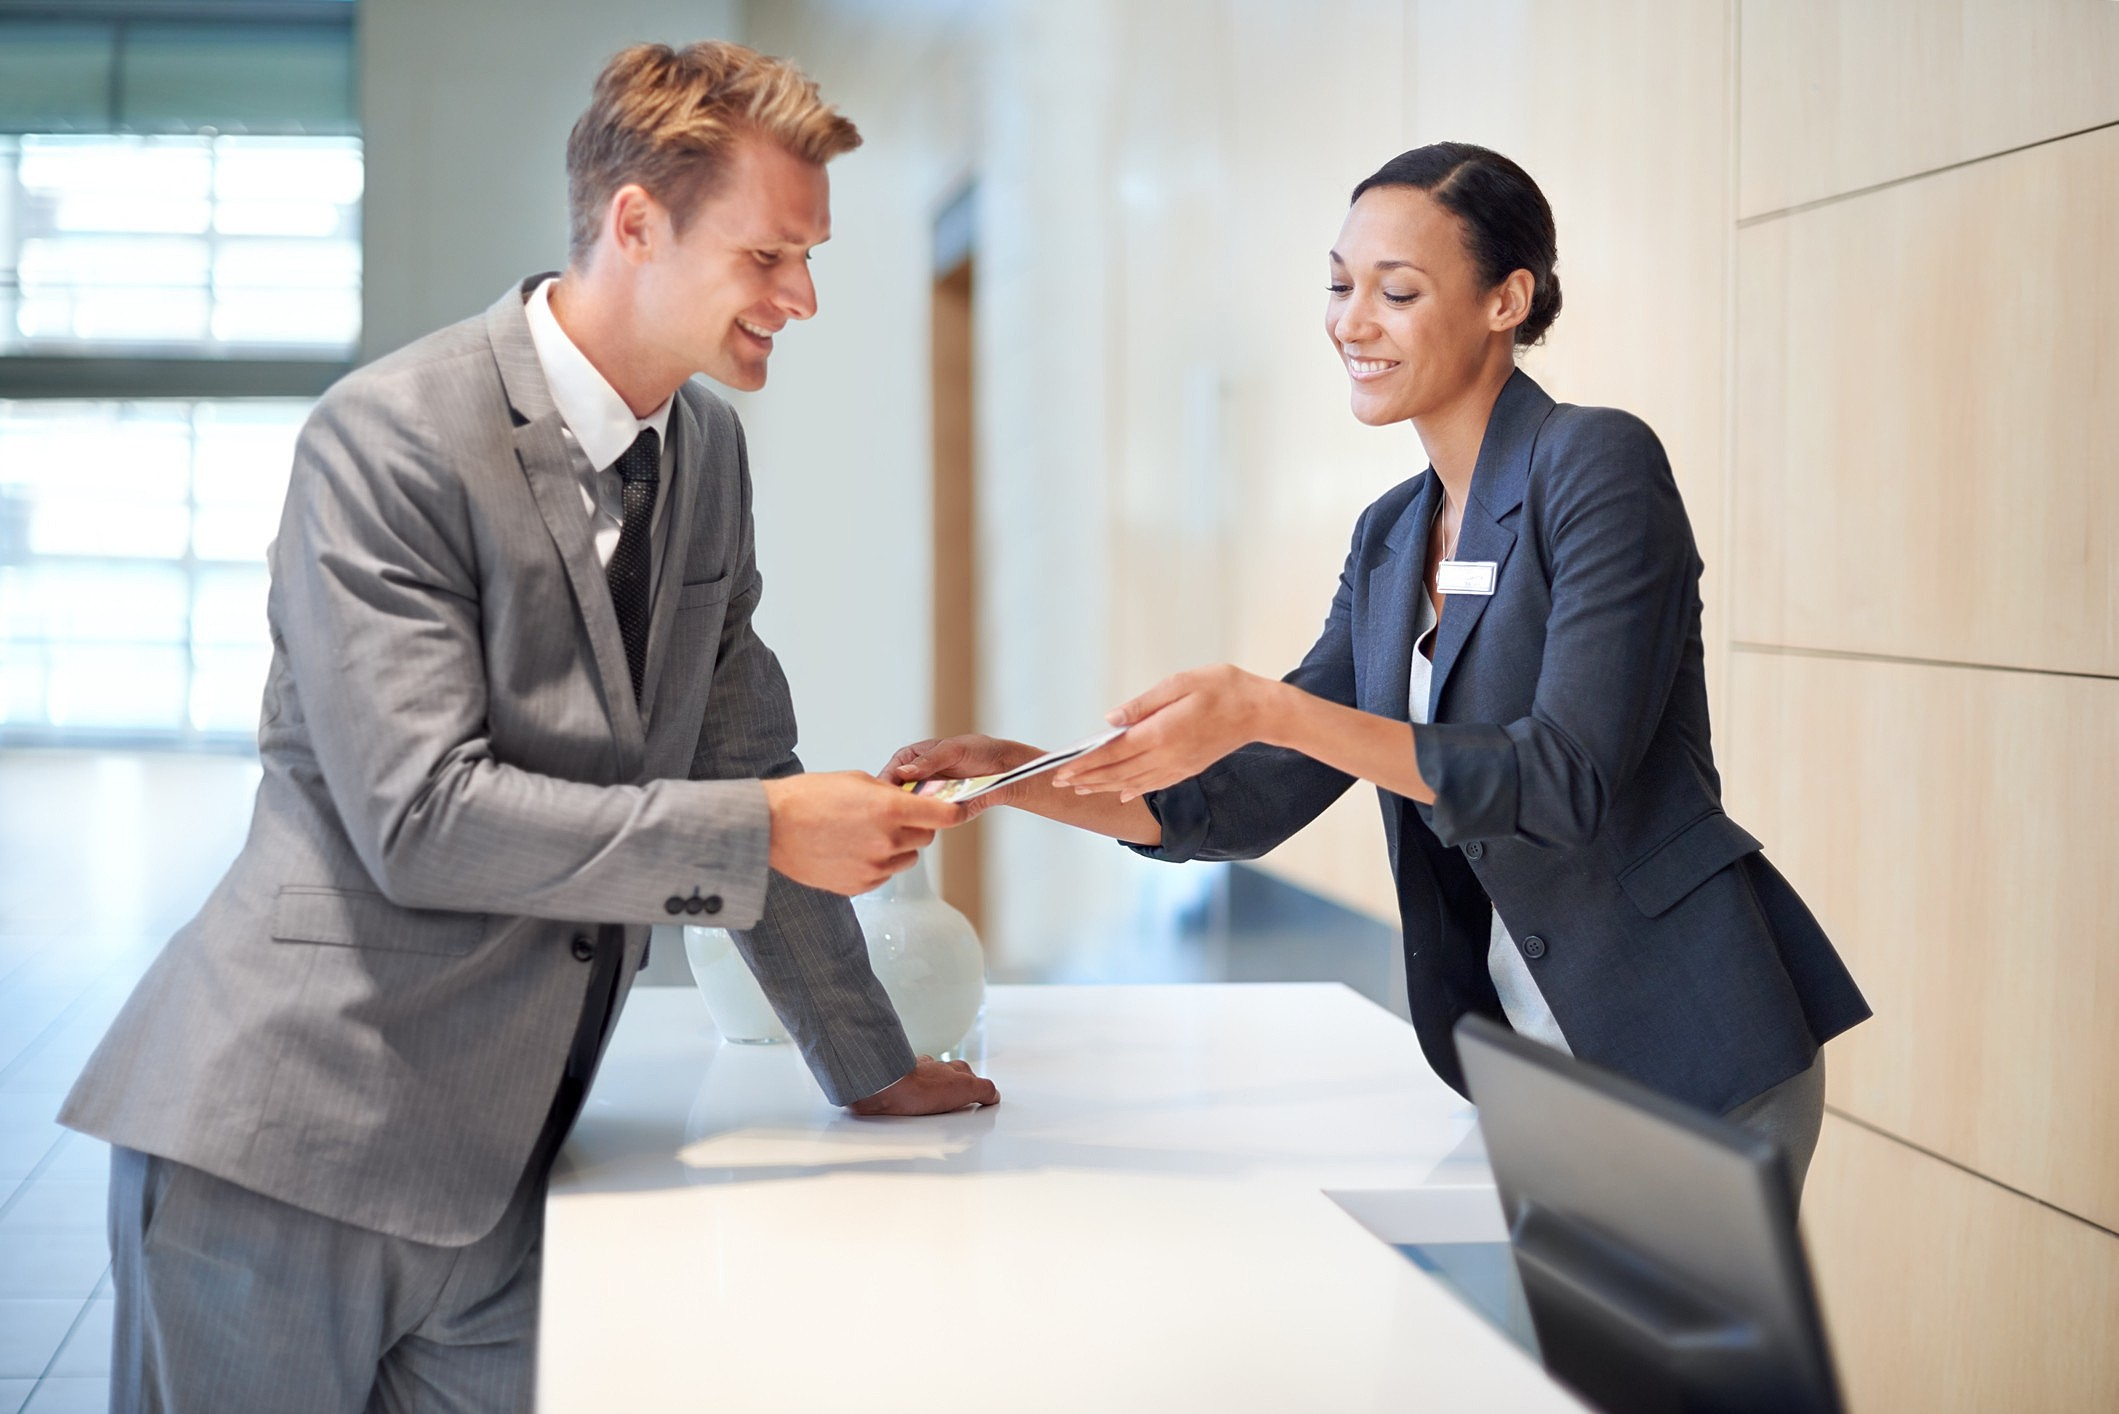 Quais são as vantagens de contratar um serviço de concierge? Entenda aqui